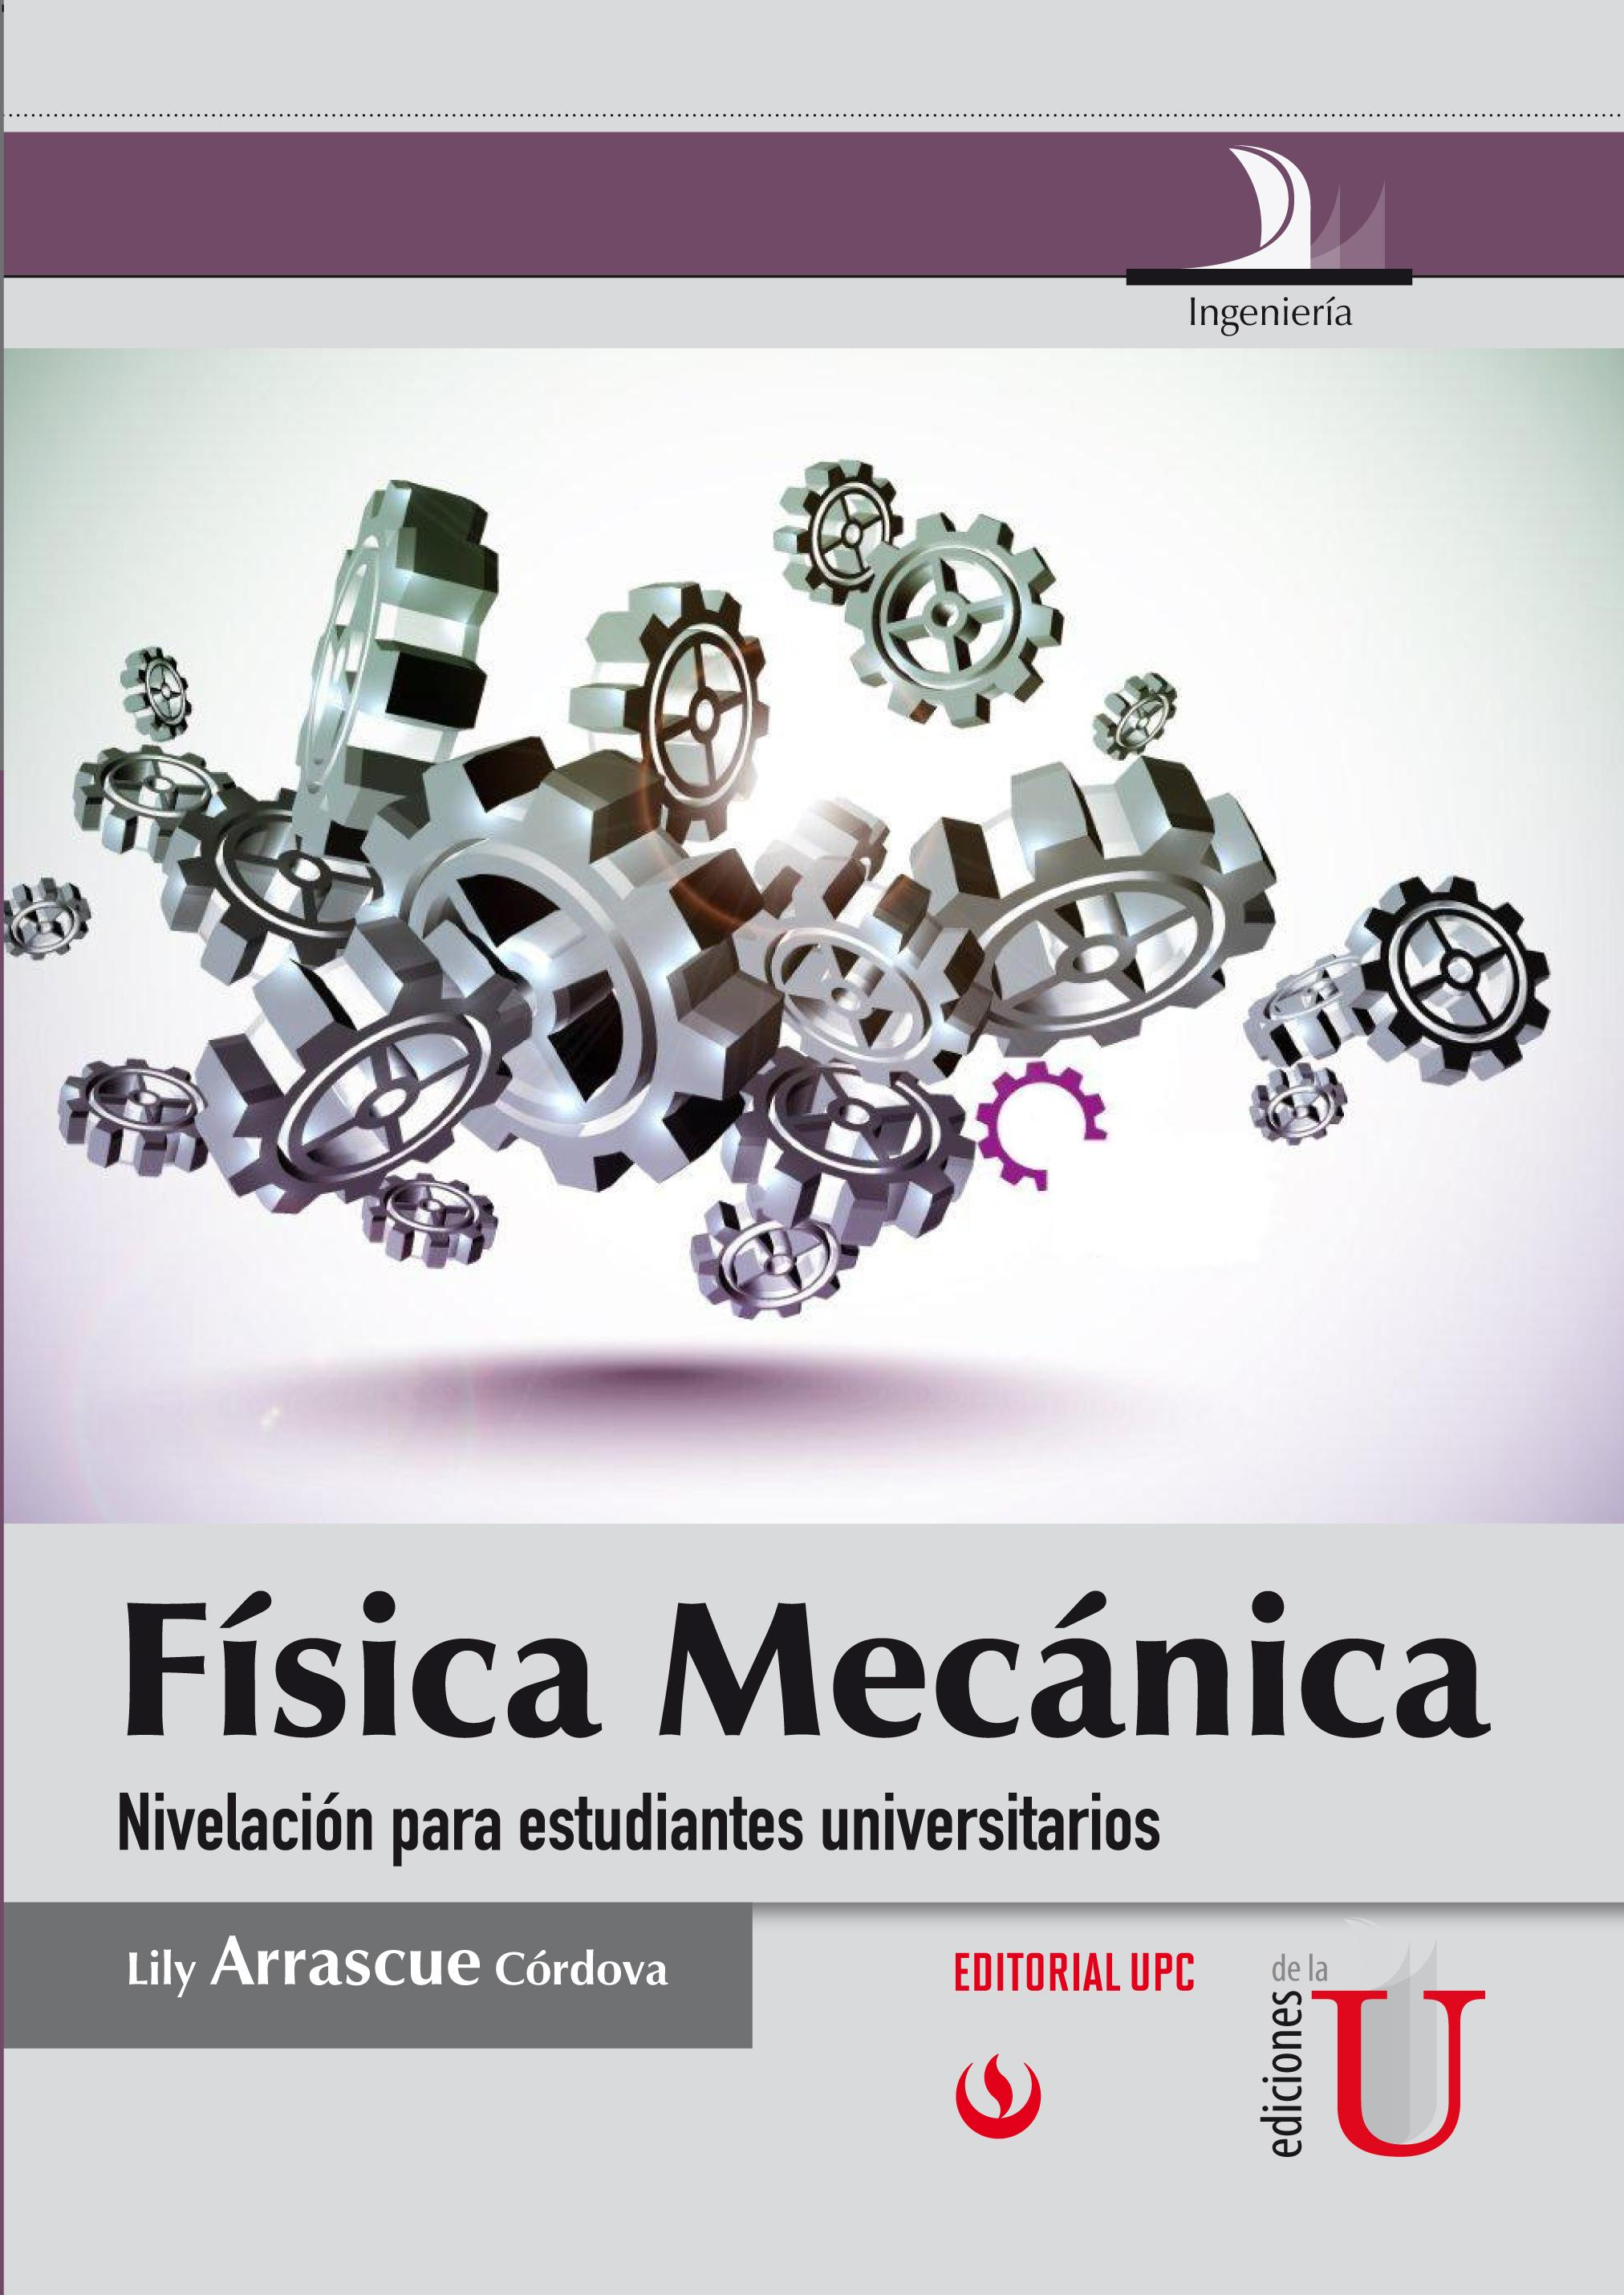 Física mecánica es Un libro que presenta los conocimientos de física de forma muy sencilla y los relaciona Con situaciones reales y Cotidianas para los estudiantes. Esta obra fue escrita inicialmente para enseñar la física en Un nivel introductorio a los estudiantes de carreras como ingeniería y arquitectura. Sin embargo